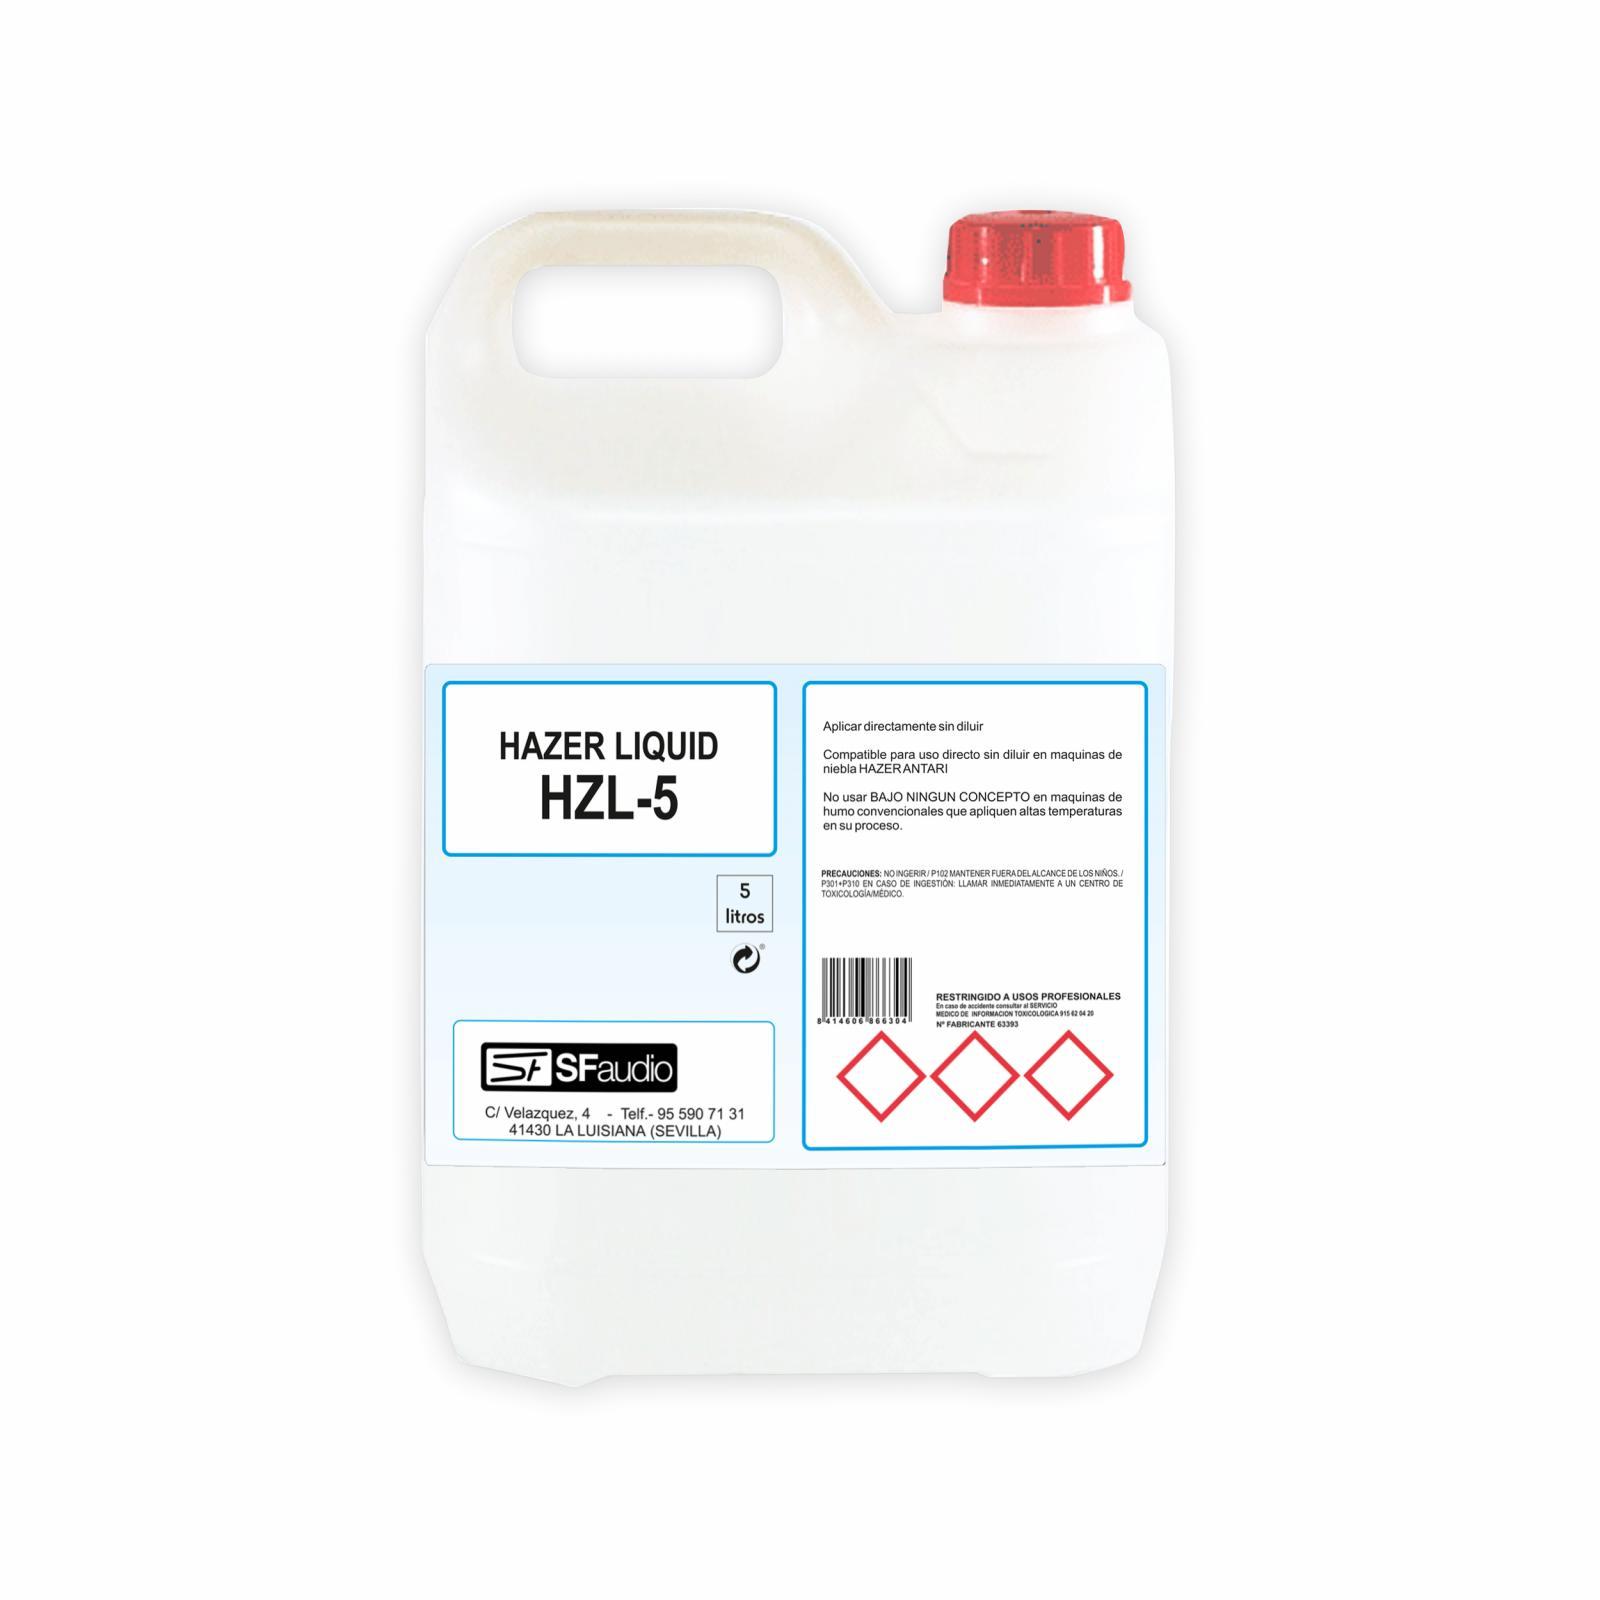 Líquido de Niebla Hazer Hzl5 (5 lts.)